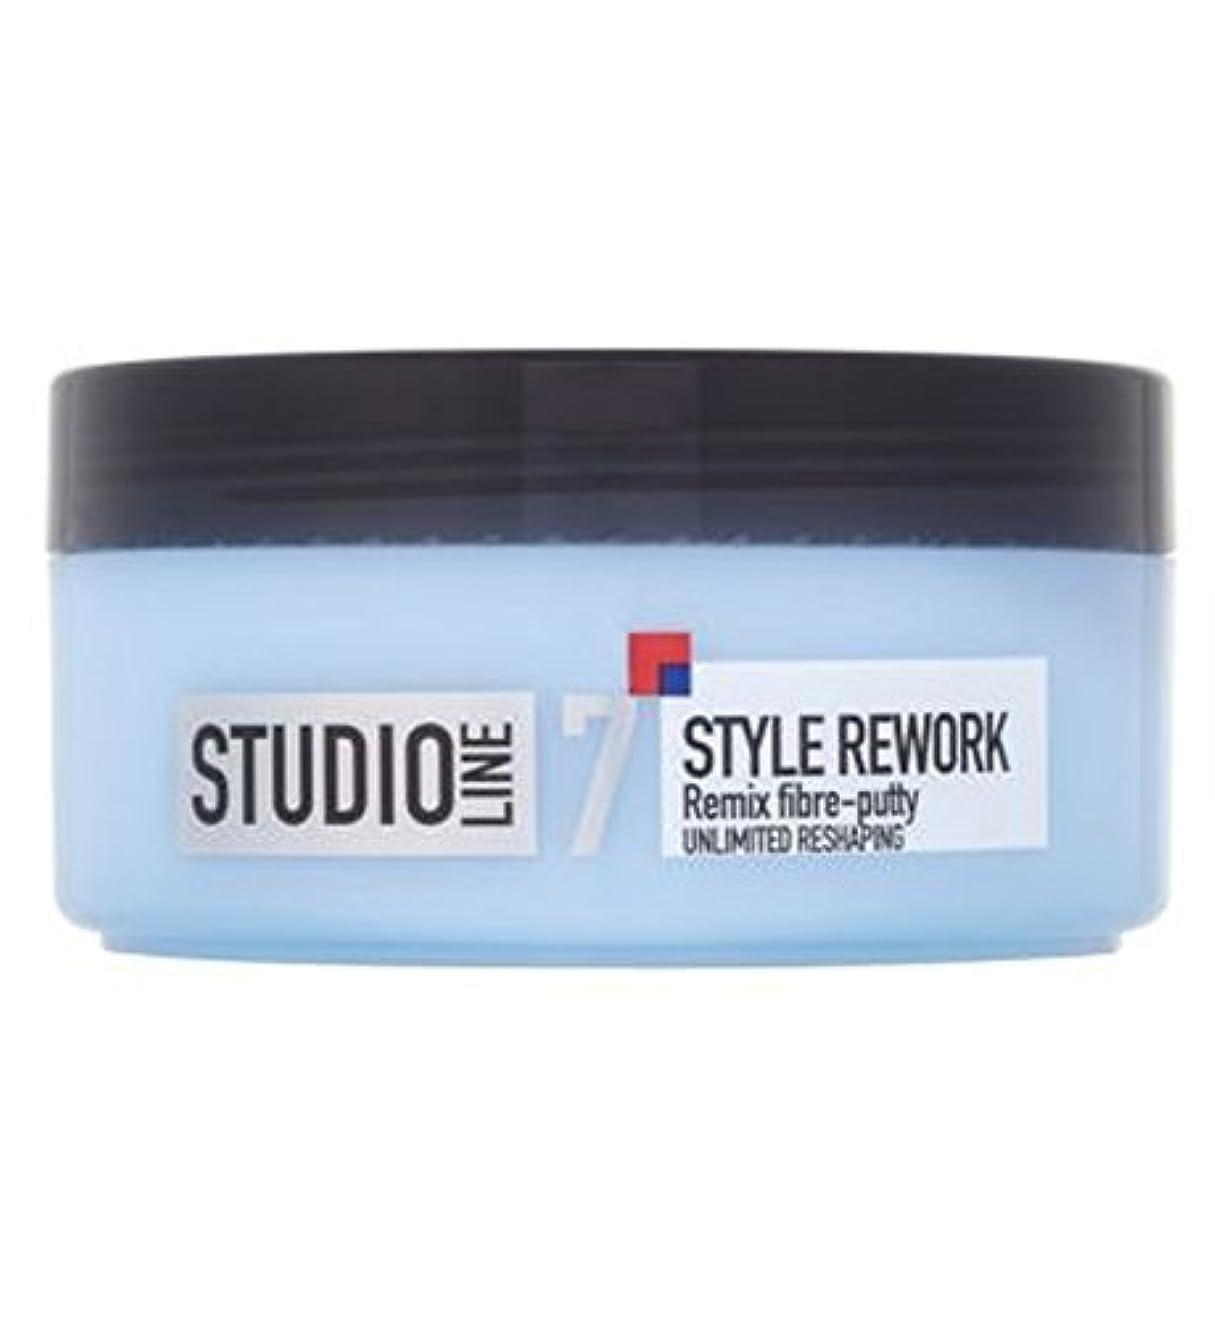 丈夫競うくまL'Oreallスタジオラインスタイルリワークリミックス繊維パテ150ミリリットル (L'Oreal) (x2) - L'Oreall Studio Line Style Rework Remix Fibre-Putty...